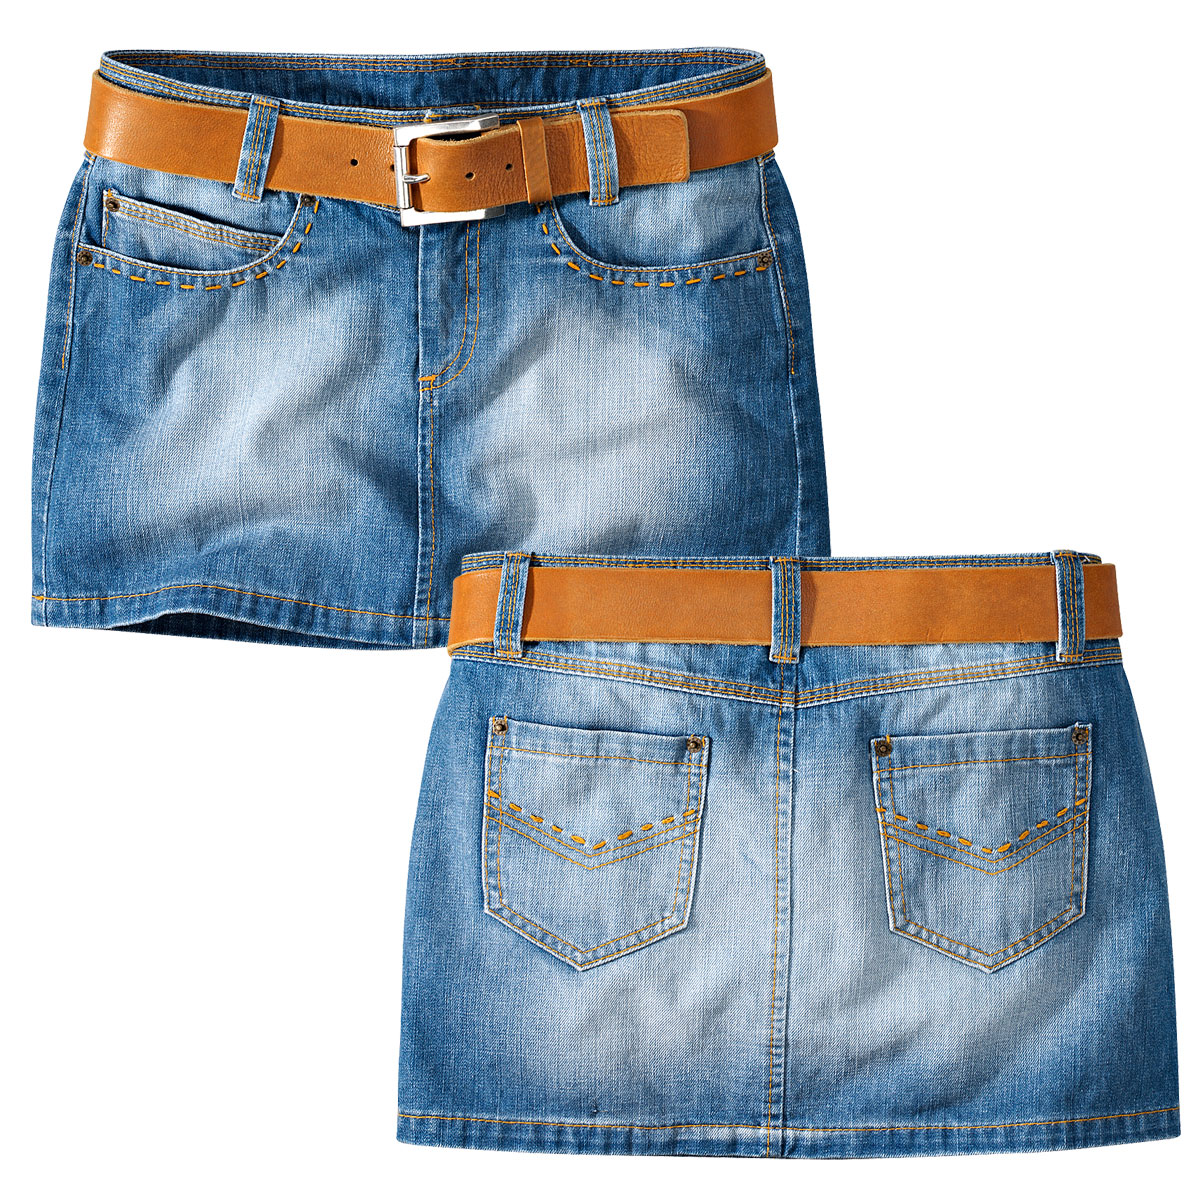 Джинсовая короткая юбка своими руками